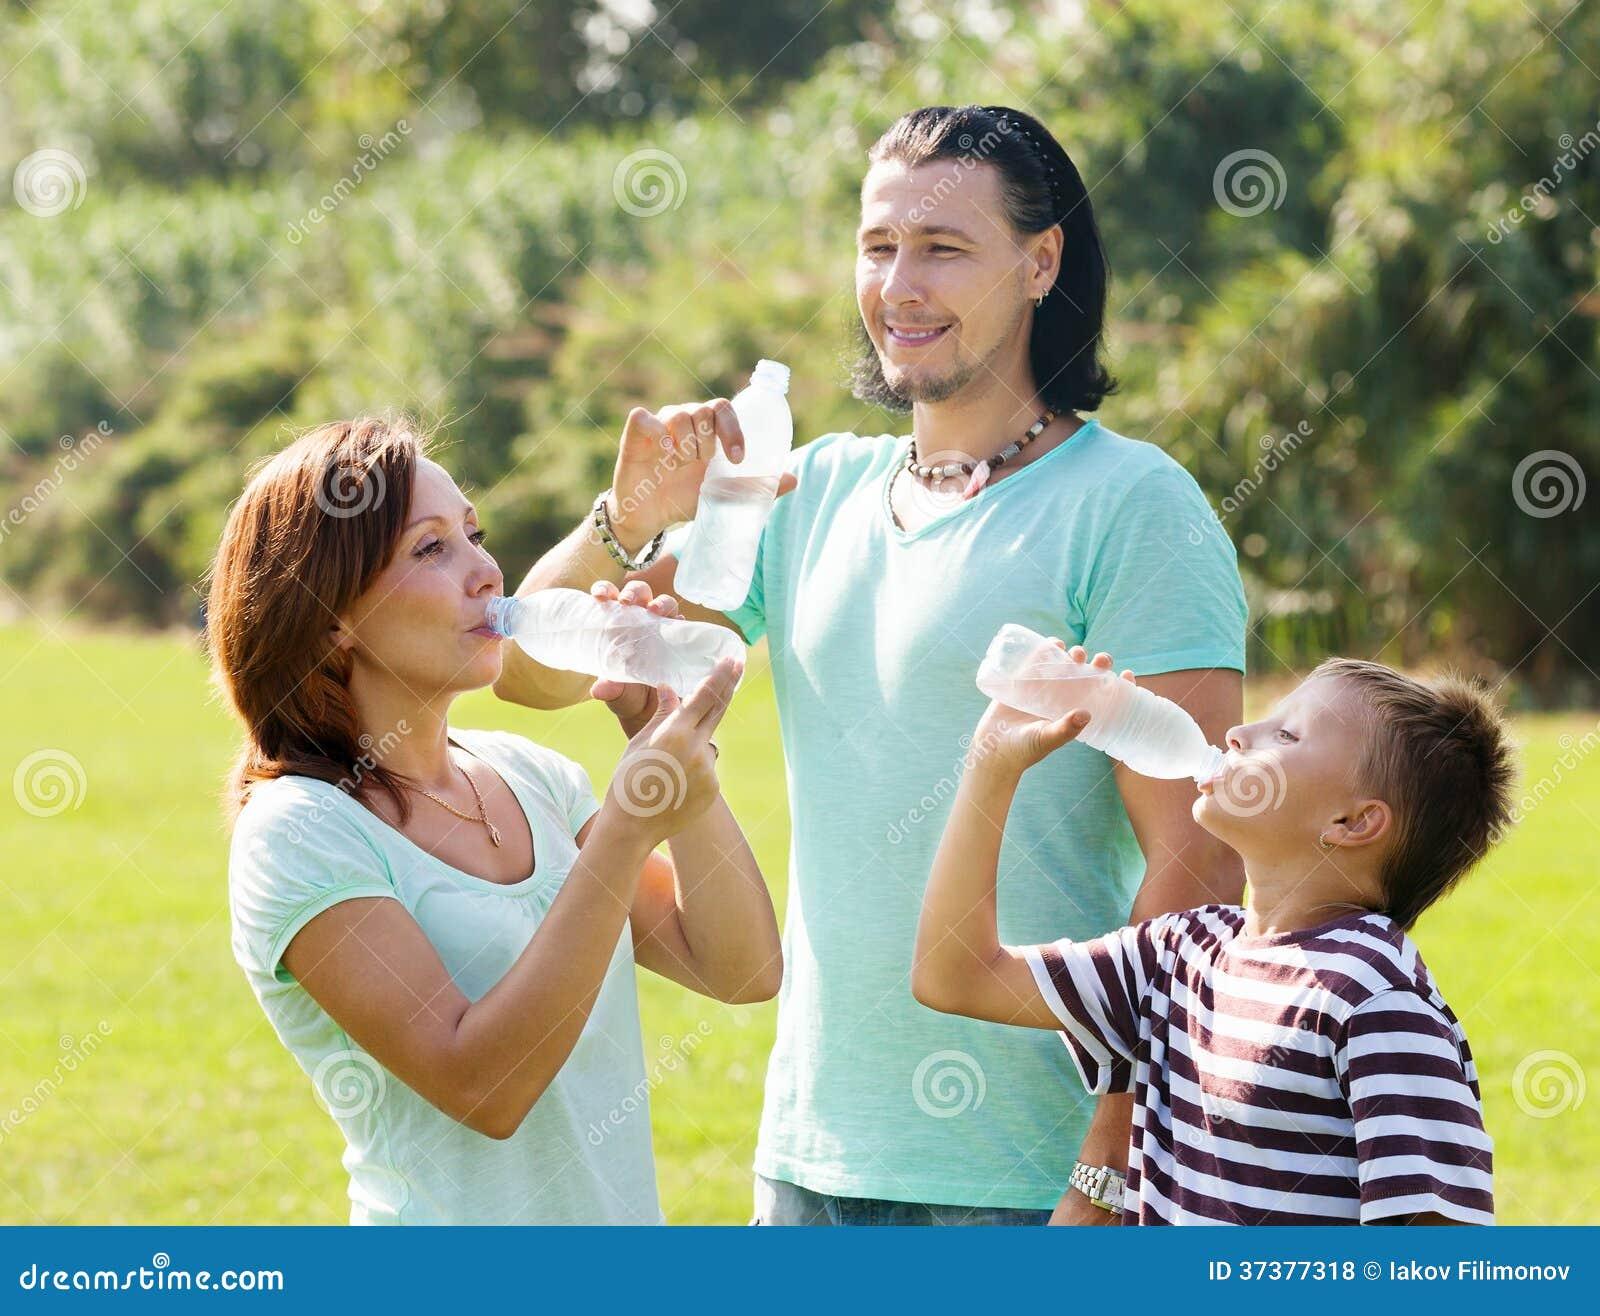 Paare mit Trinkwasser des Jugendlichen von den Flaschen